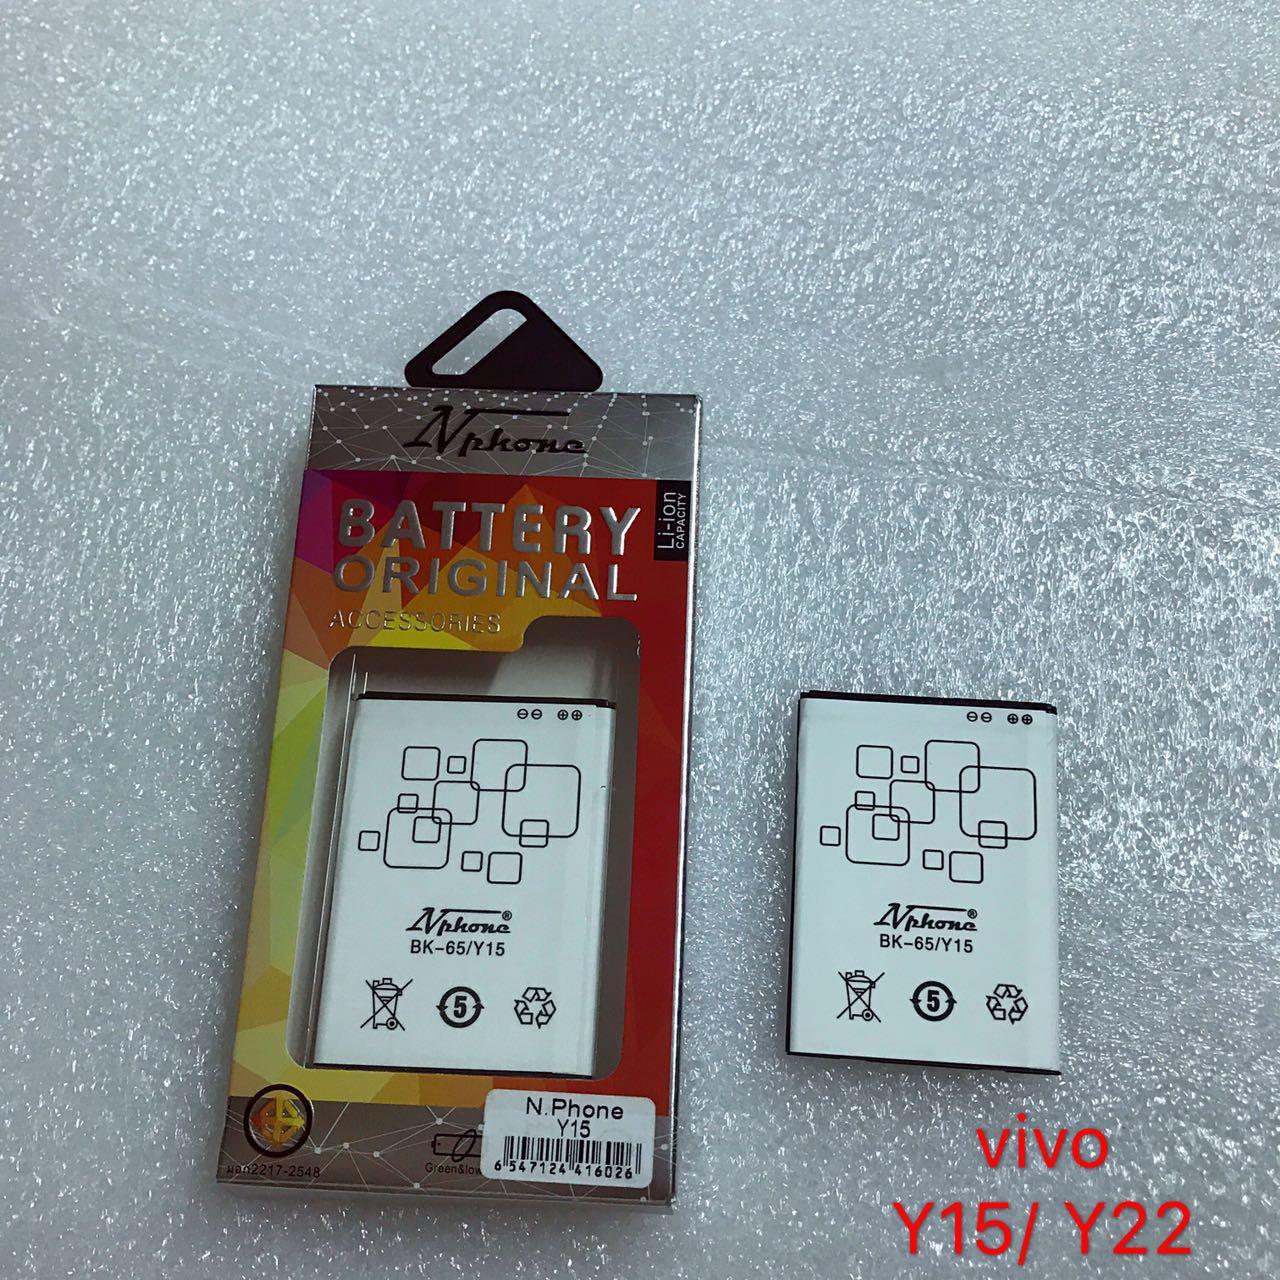 แบตเตอรี่ ม.อ.ก ( ยี่ห้อ N-Phone ) vivo.Y15 / Y22 // BK-65